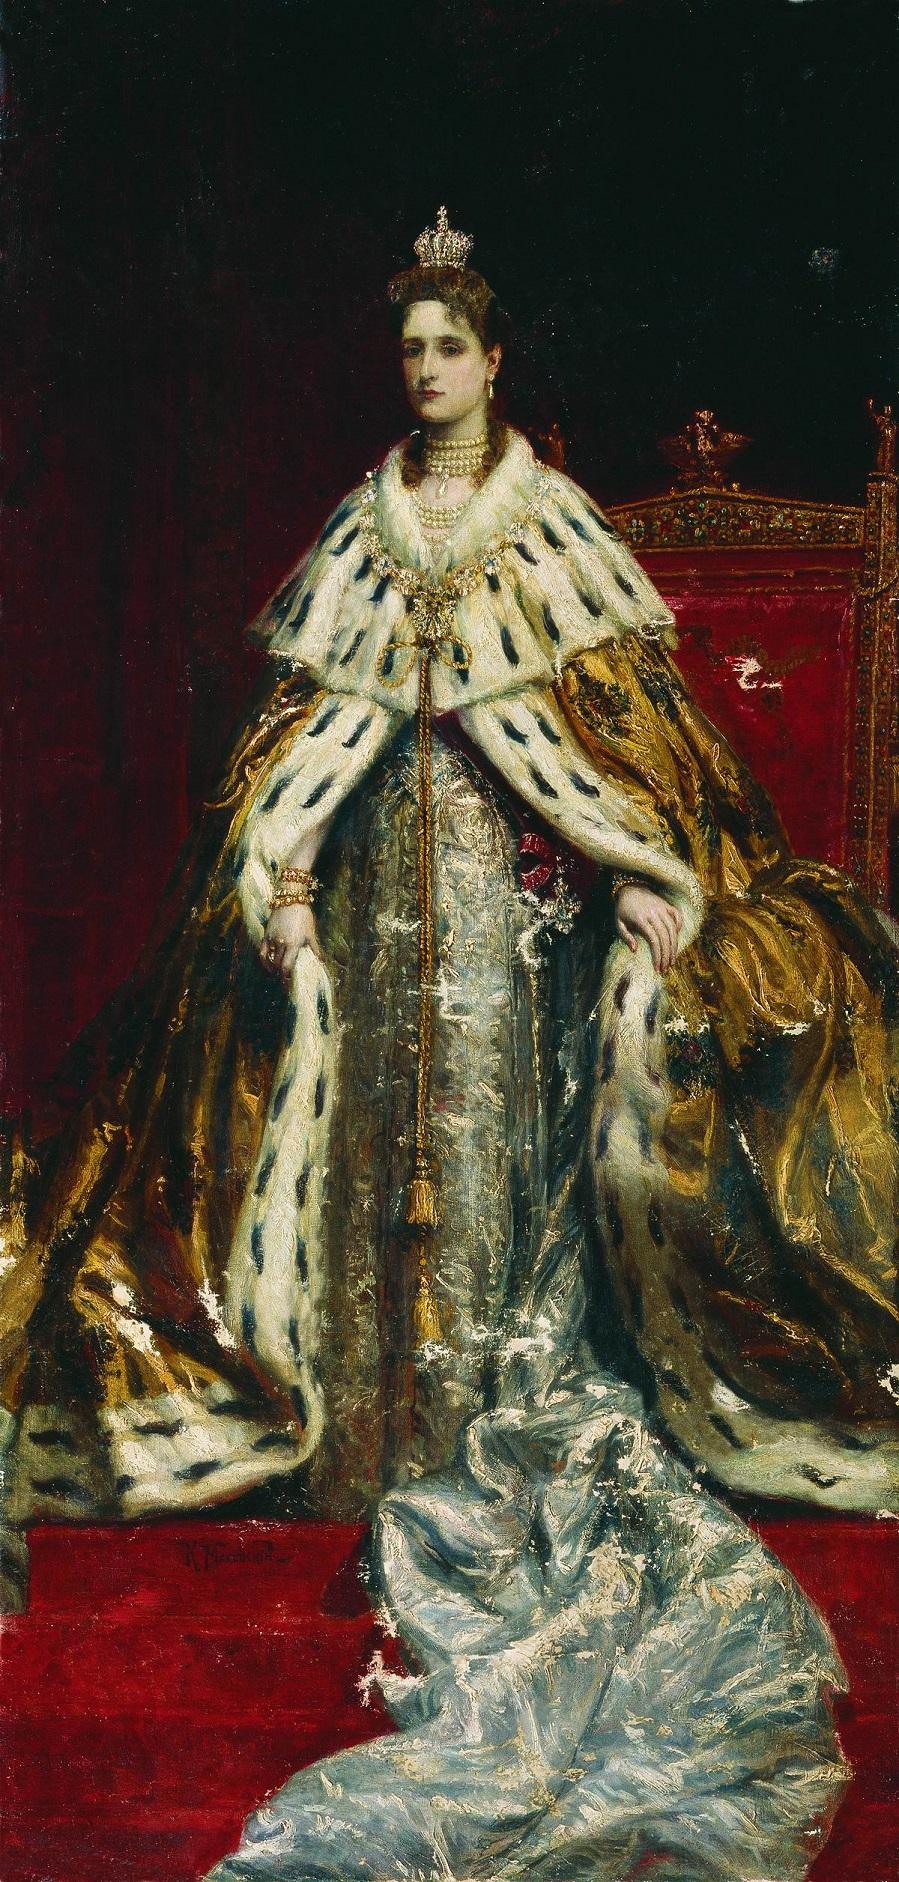 Портрет императрицы Александры Федоровны. Конец XIX века Ораниенбаум